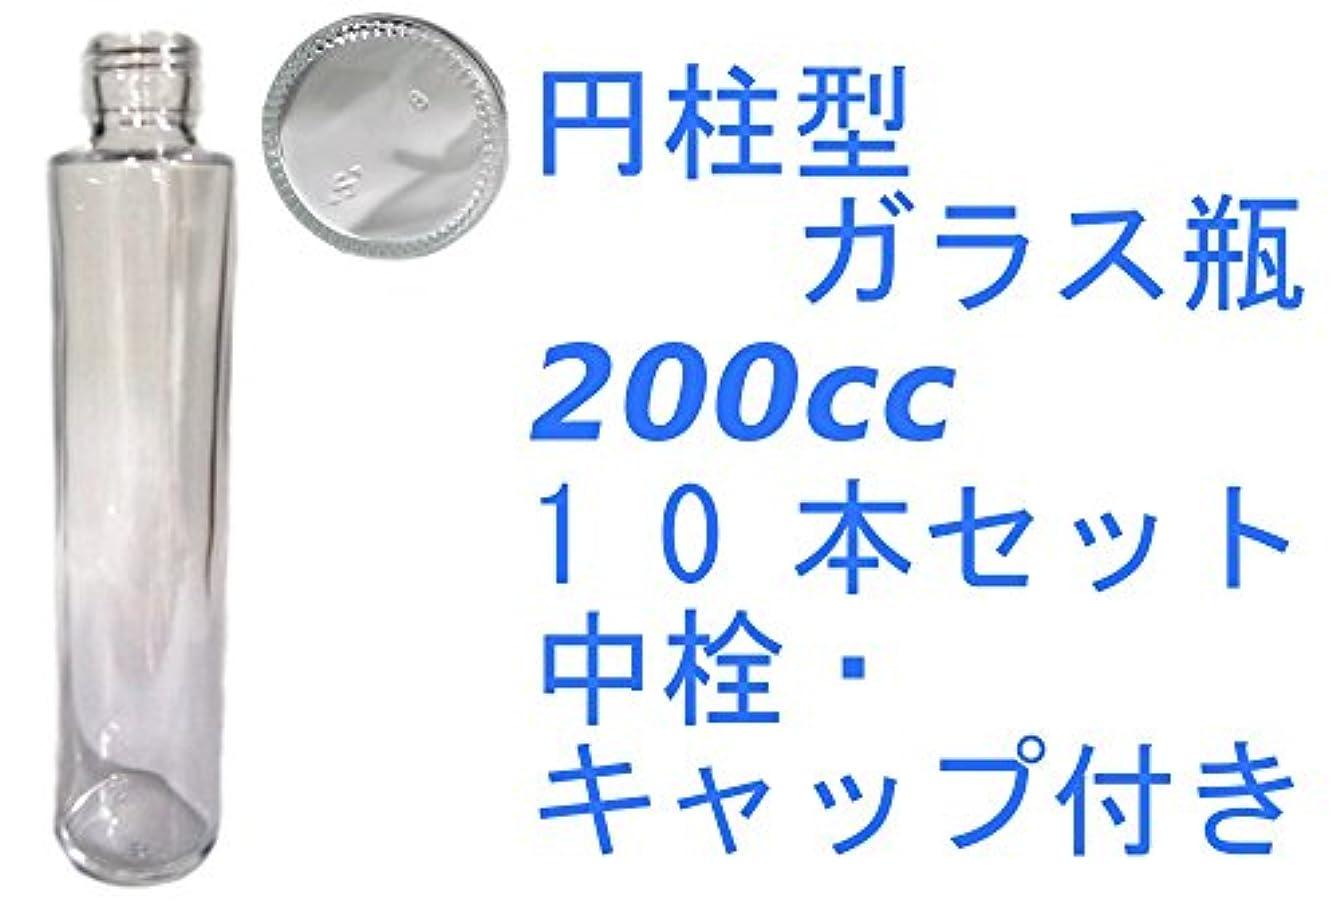 オーストラリア人メタルライン刺激する(ジャストユーズ)JustU's 日本製 ポリ栓 中栓付き円柱型ガラス瓶 10本セット 200cc 200ml アロマディフューザー ハーバリウム 調味料 オイル タレ ドレッシング瓶 B10-SSS200A-A